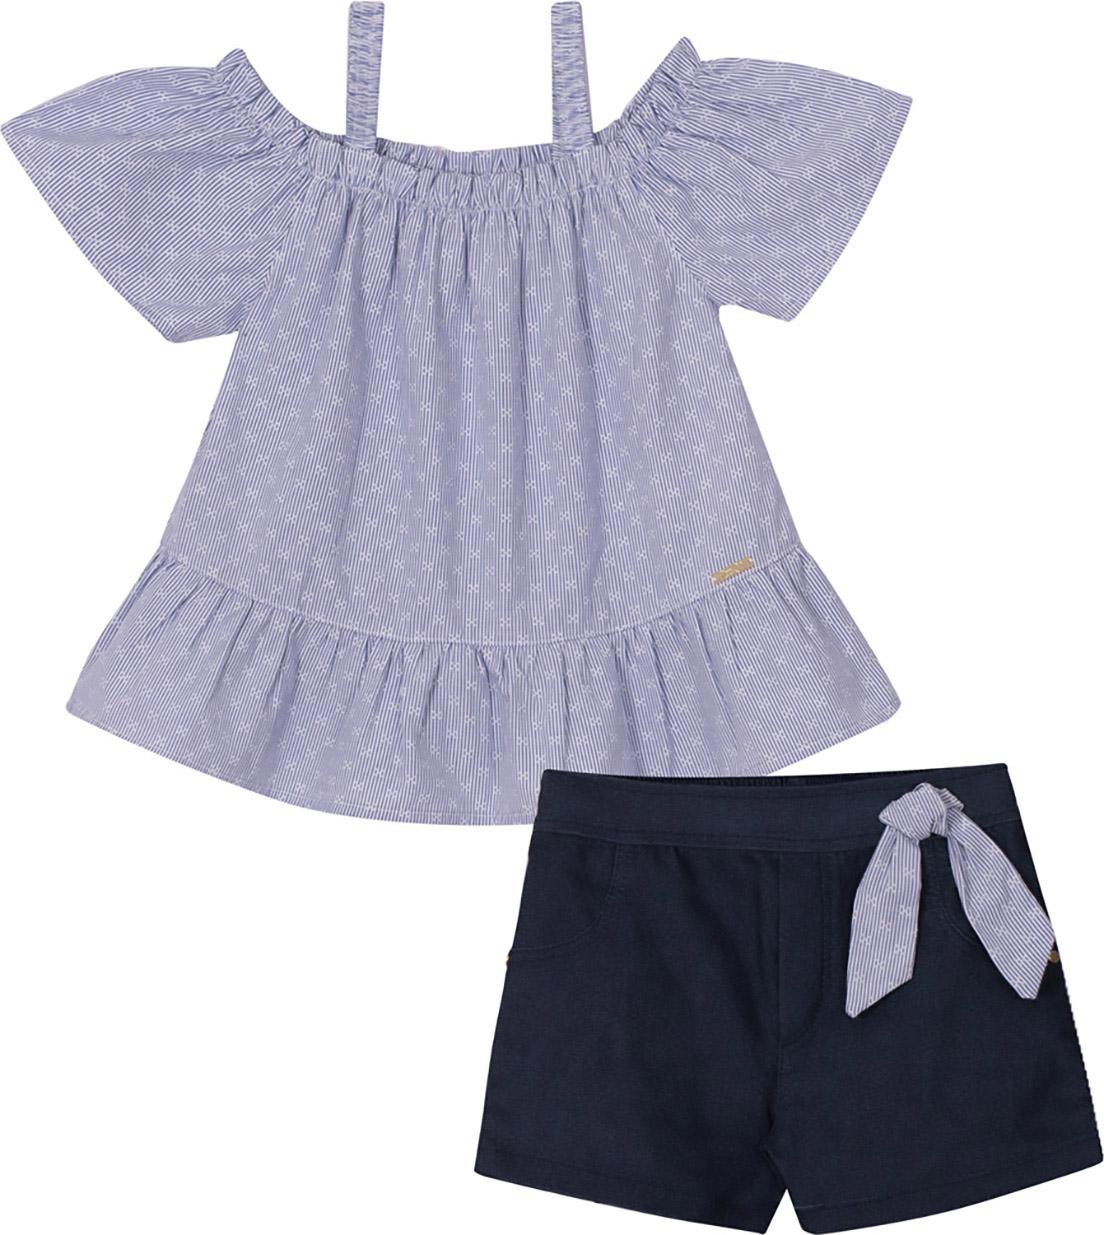 Conjunto Infantil Blusa em Tricoline e Shorts em Bengaline Jeans Nini & Bambini Azul